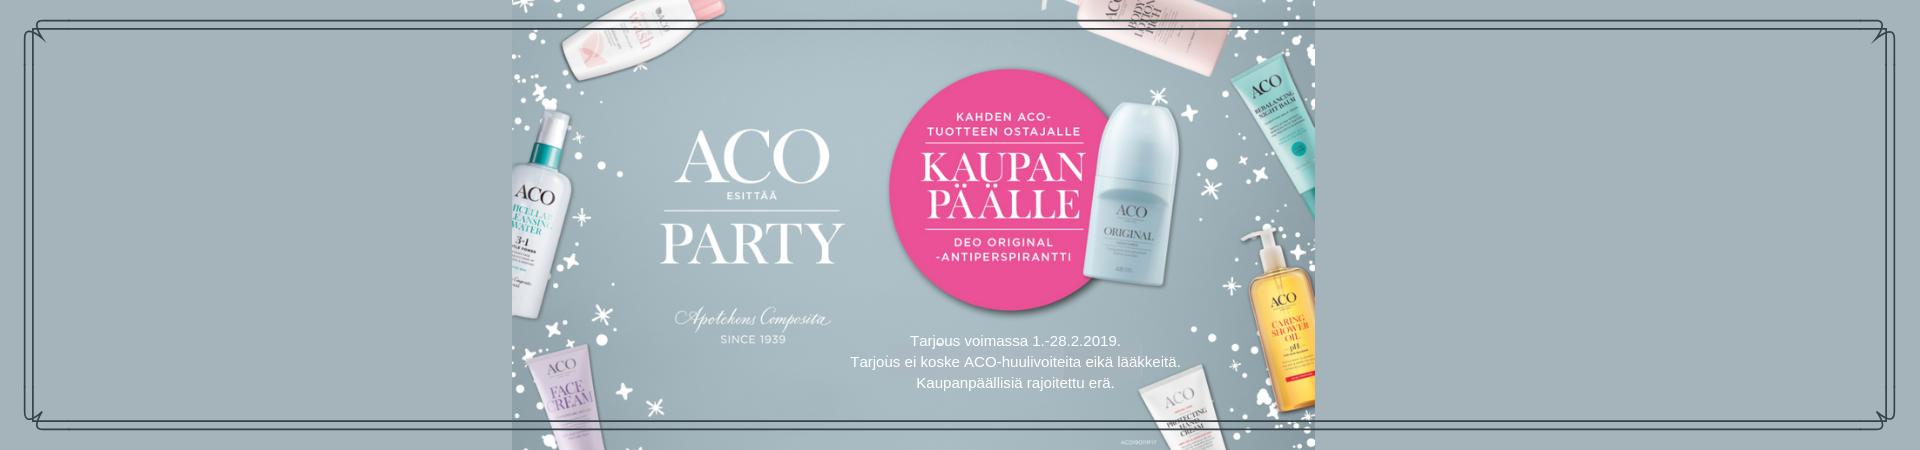 Aco Party -kampanja kahden tuotteen ostajalle kaupan päälle Deo Original -antiperspirantti